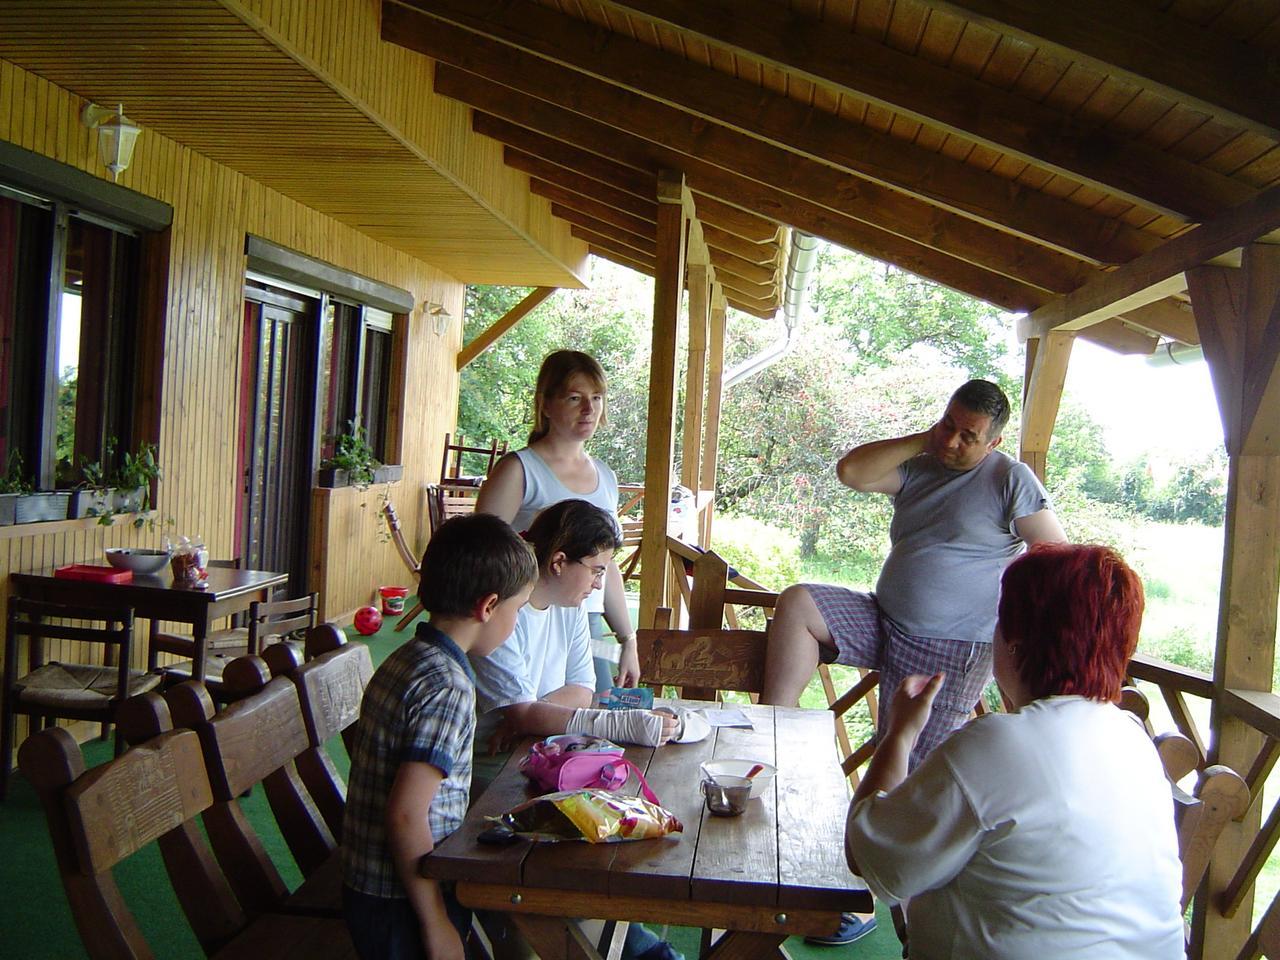 csatlakoztasson alkalmazásokat házasokhoz Ingyenes társkereső szolgáltatás portland oregon